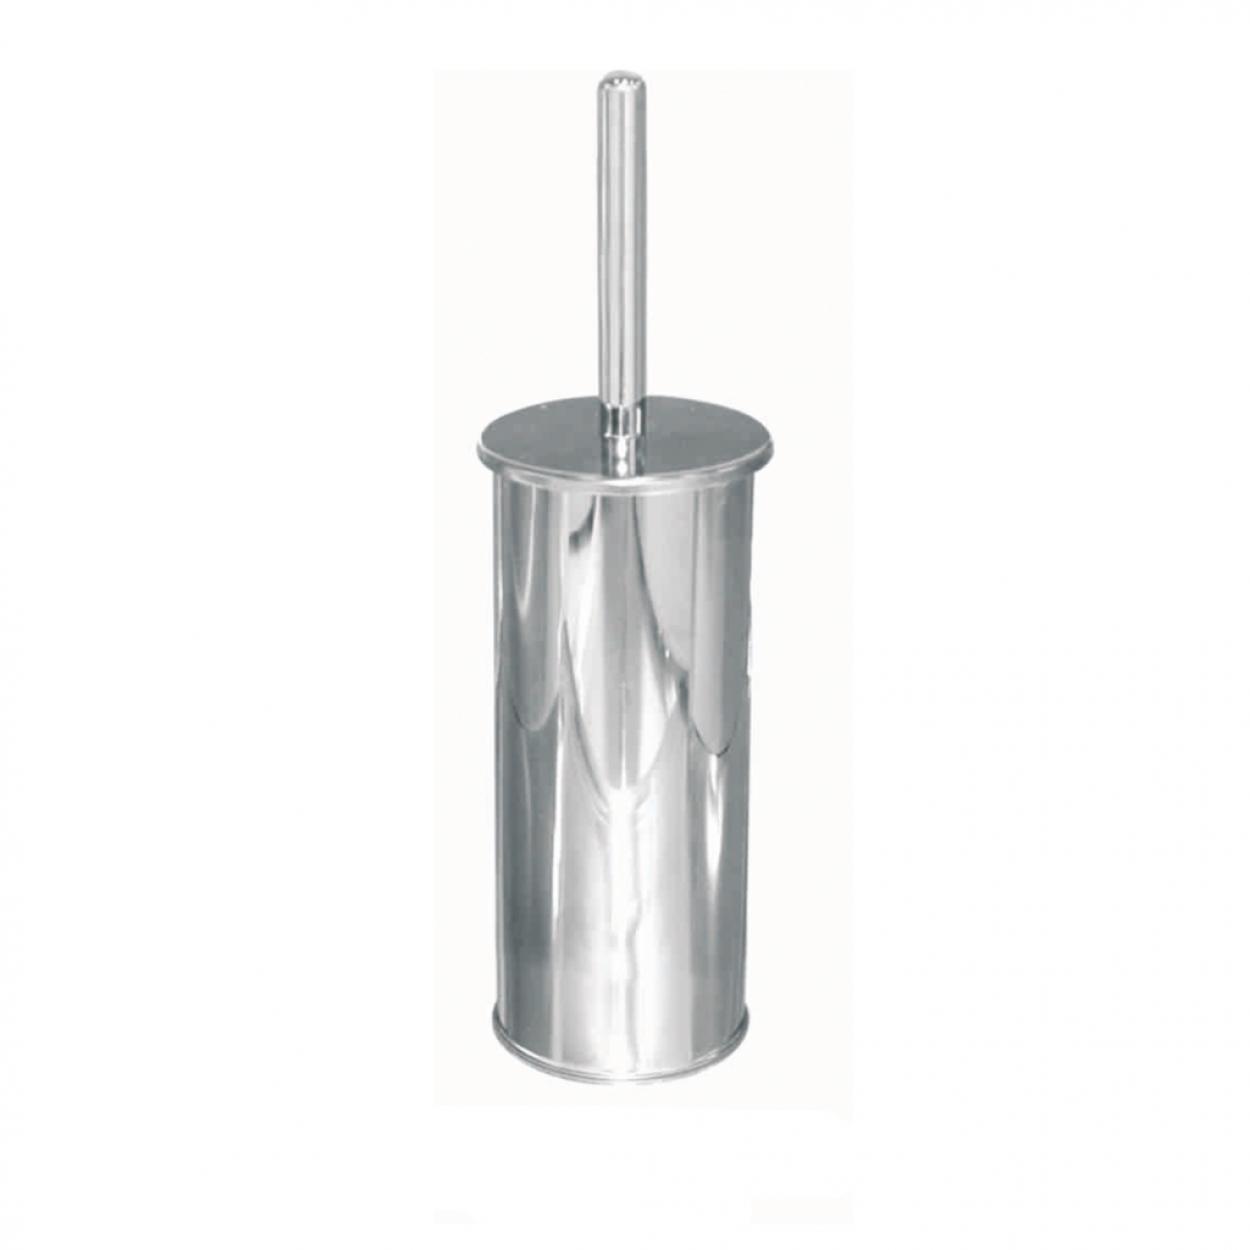 Klozet Fırçası Paslanmaz Model